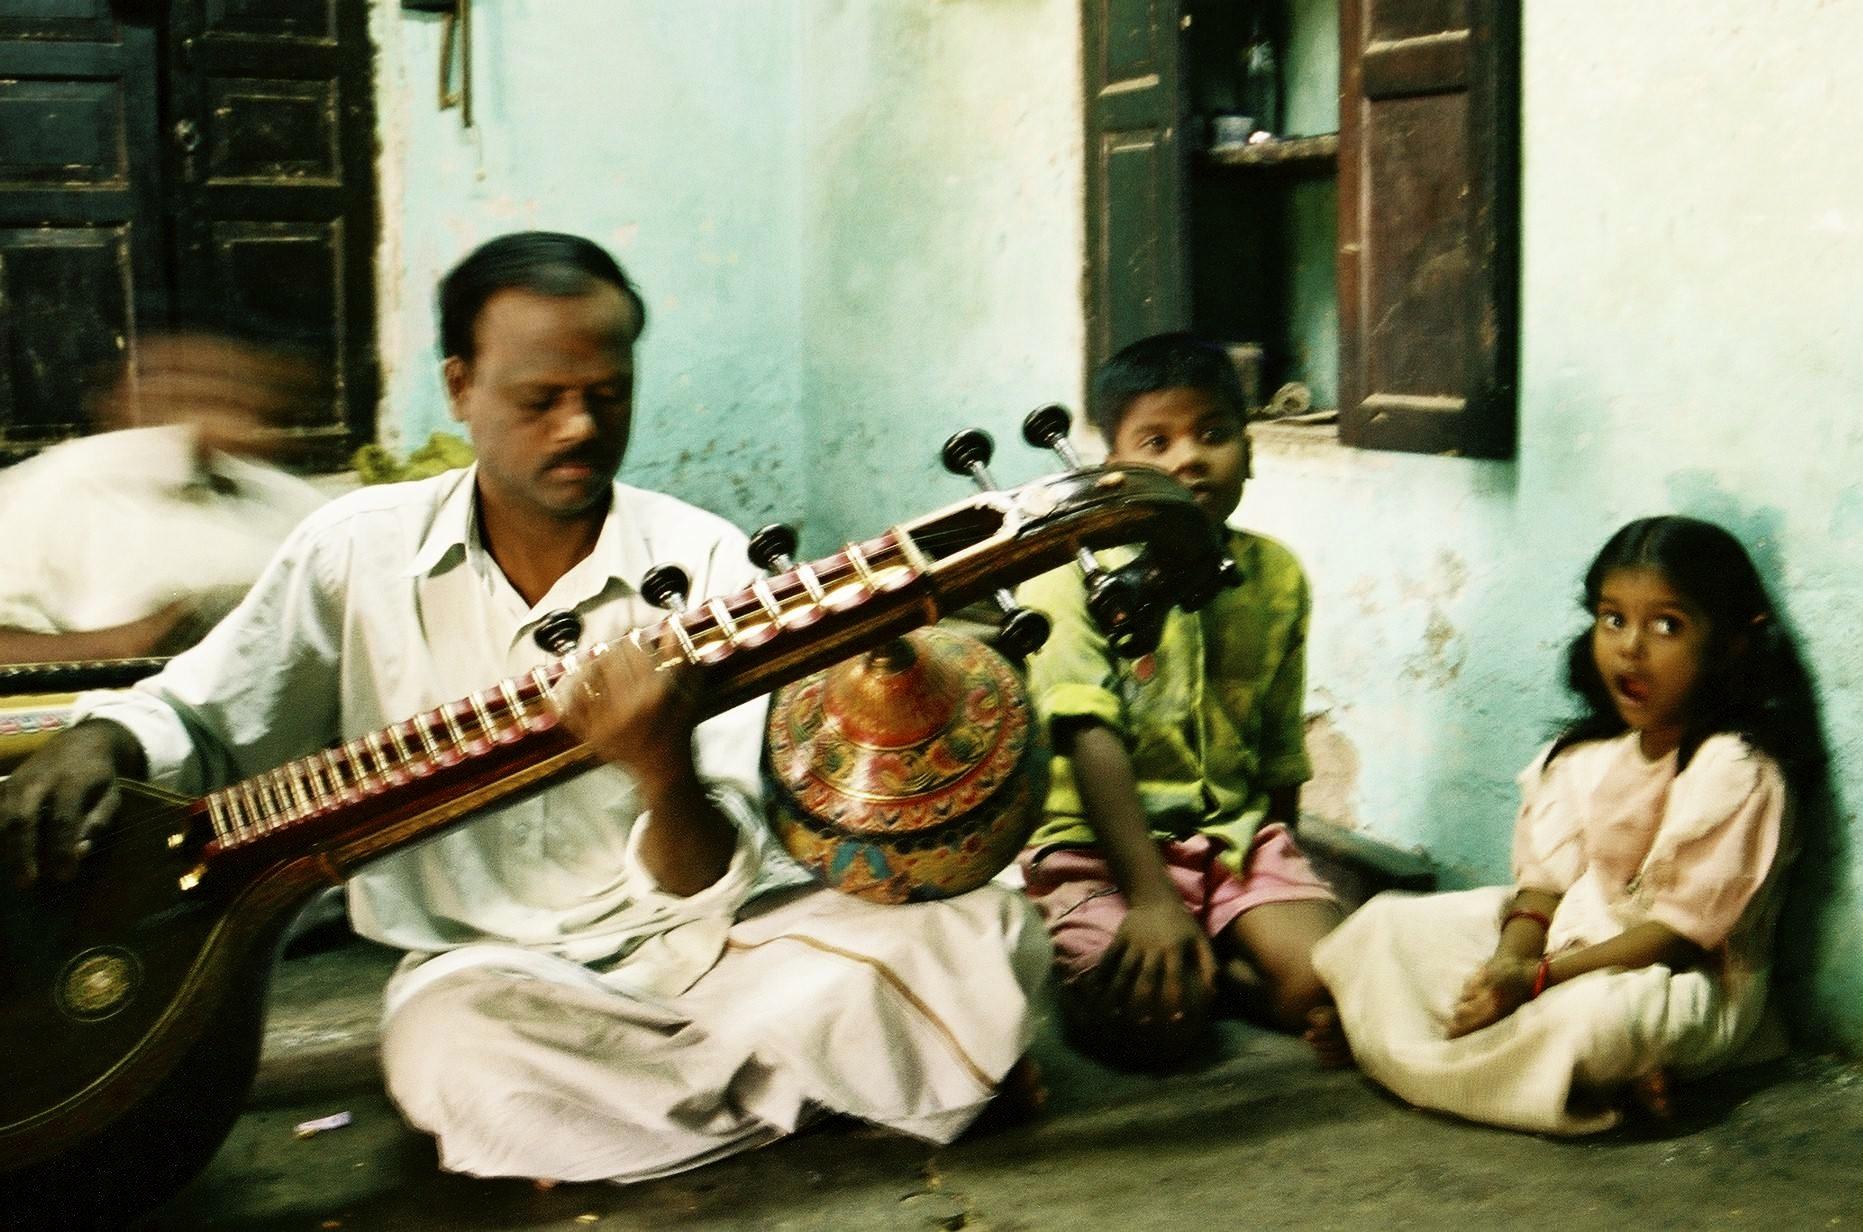 Veena maker at his place, Thanjavur, 2003